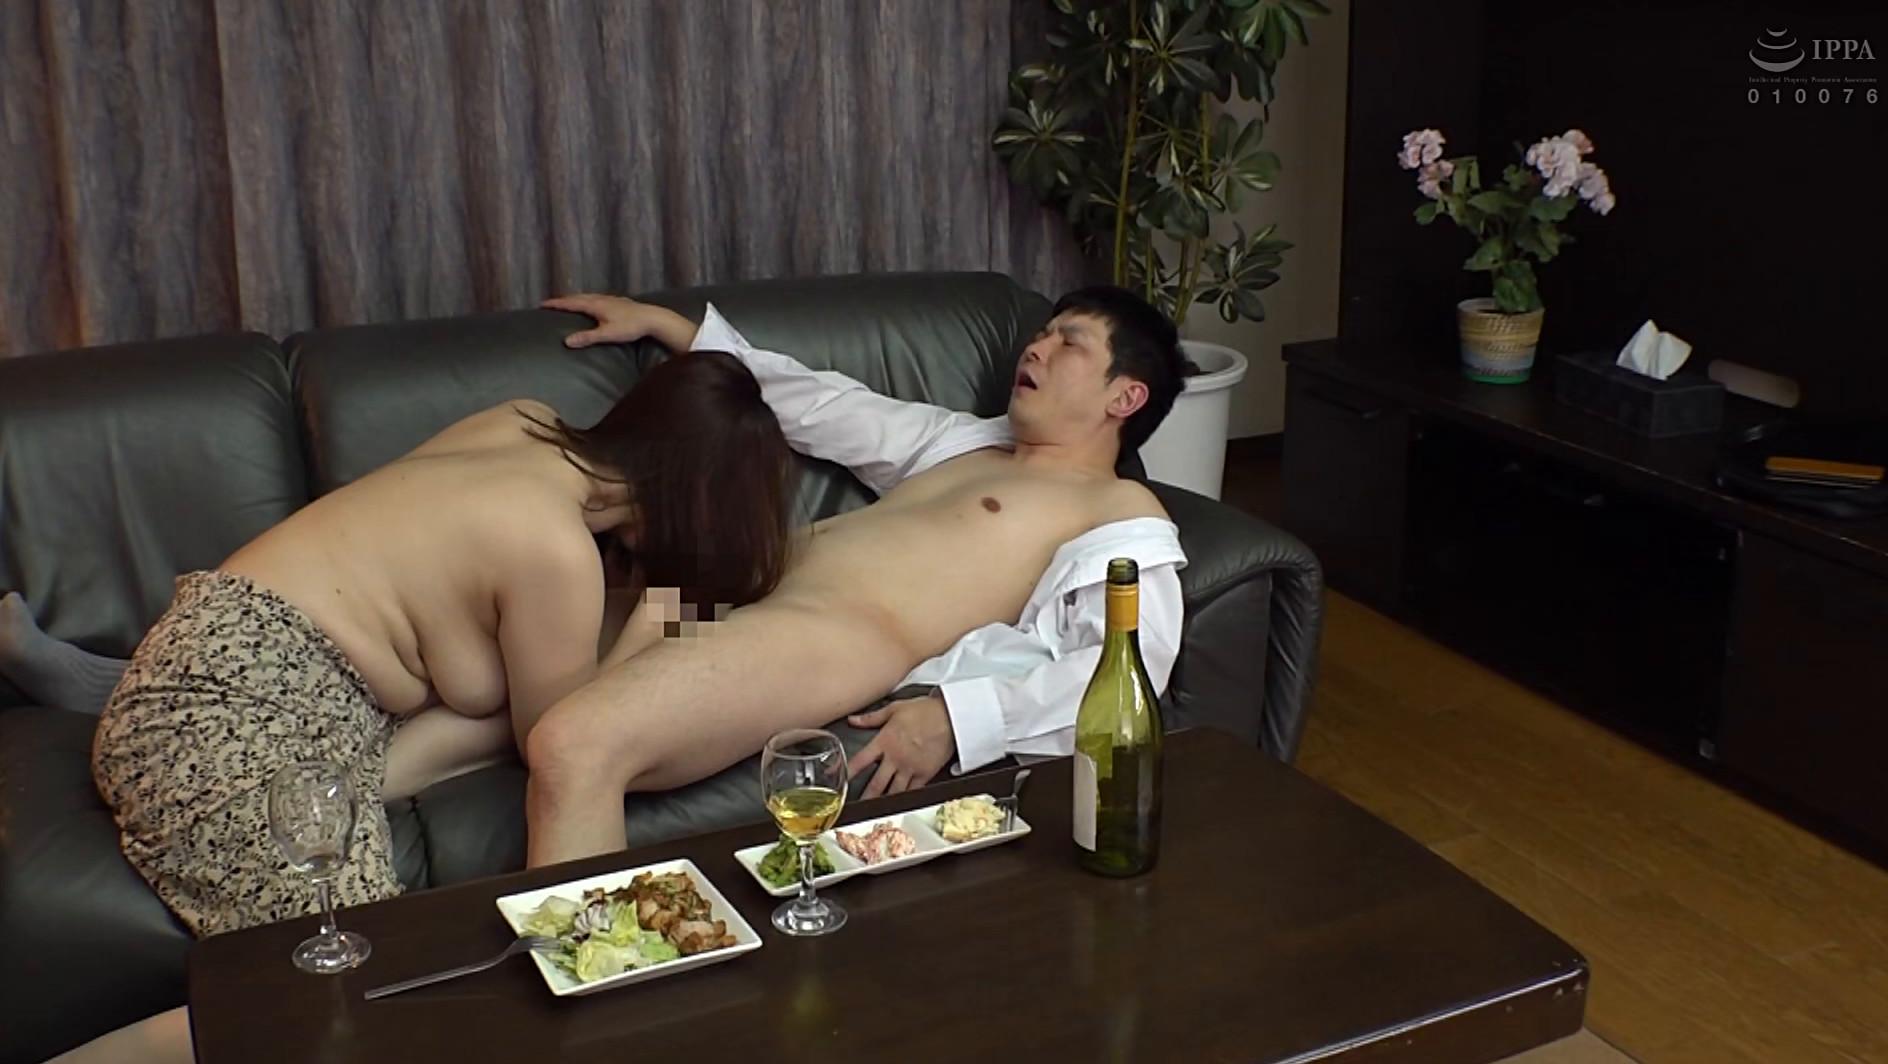 あの時、お義母さんに誘われて・・・ 翔田千里,のサンプル画像8